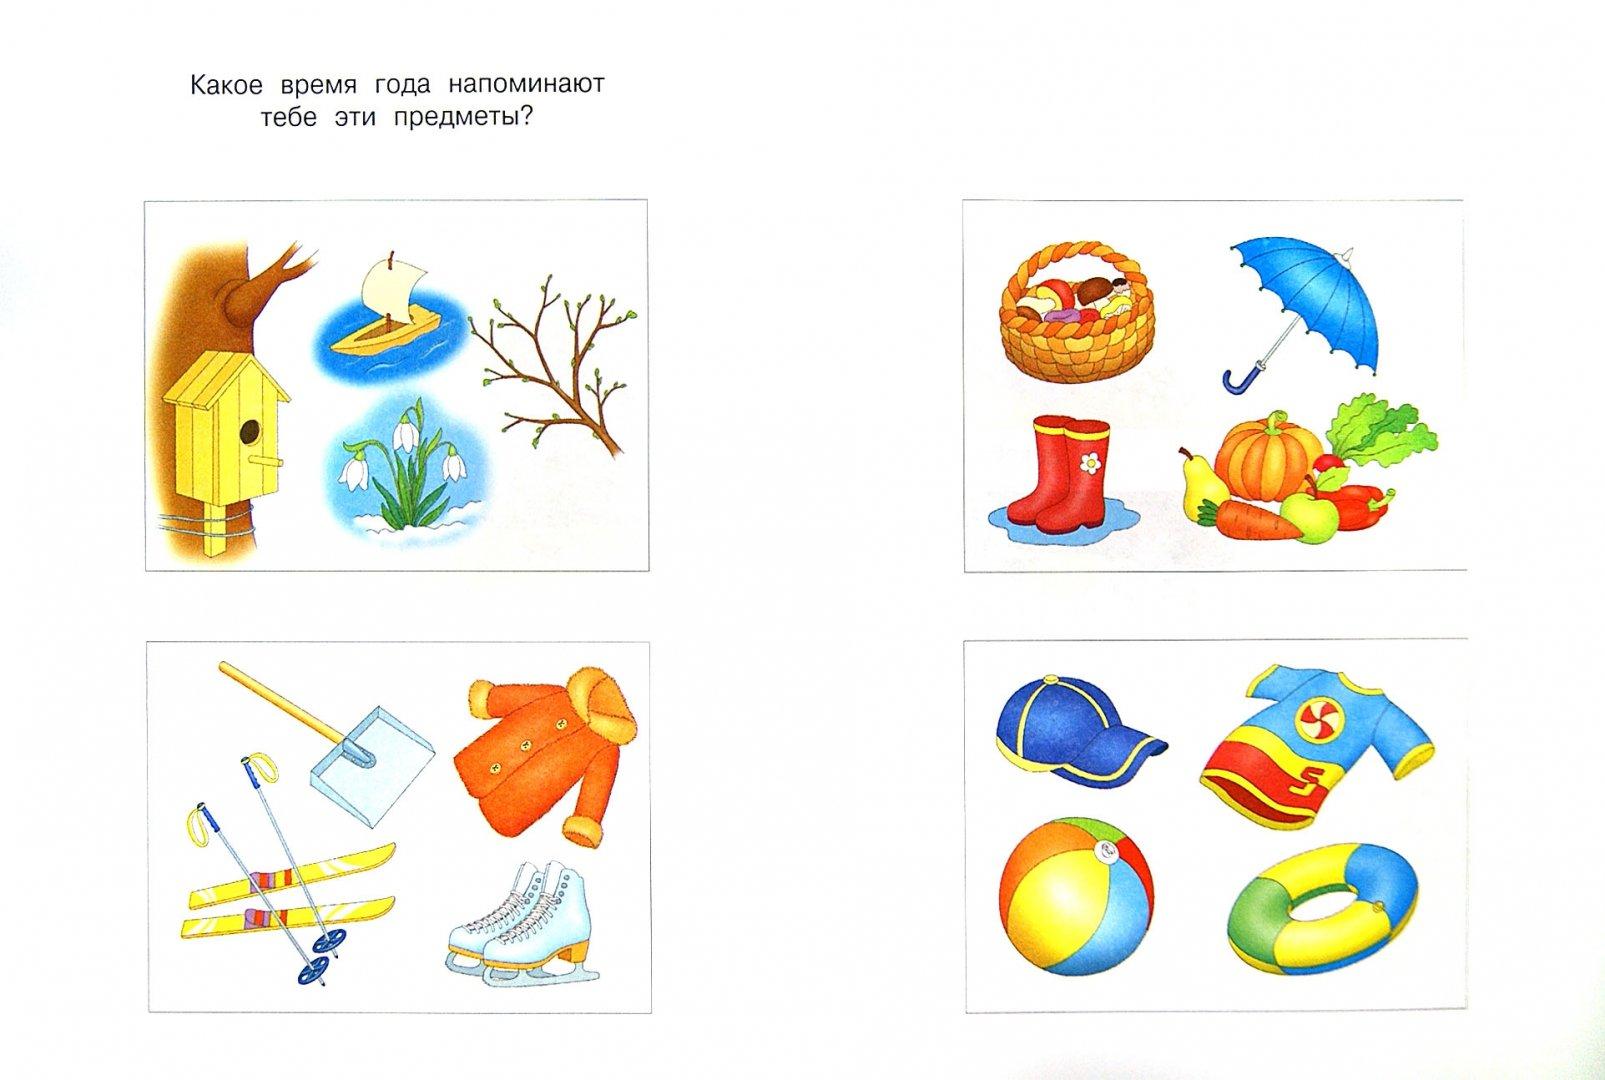 Иллюстрация 1 из 35 для Веселые часы. Называем дни недели и месяцы. 4-5 лет - Ольга Земцова | Лабиринт - книги. Источник: Лабиринт